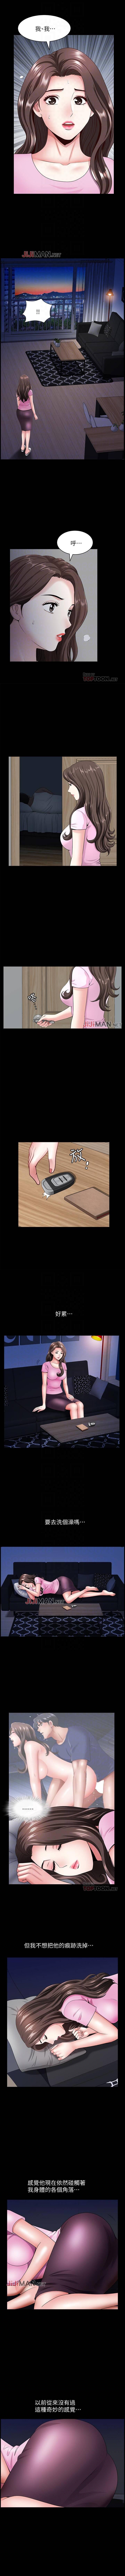 【周日连载】双妻生活(作者:skyso) 第1~23话 90